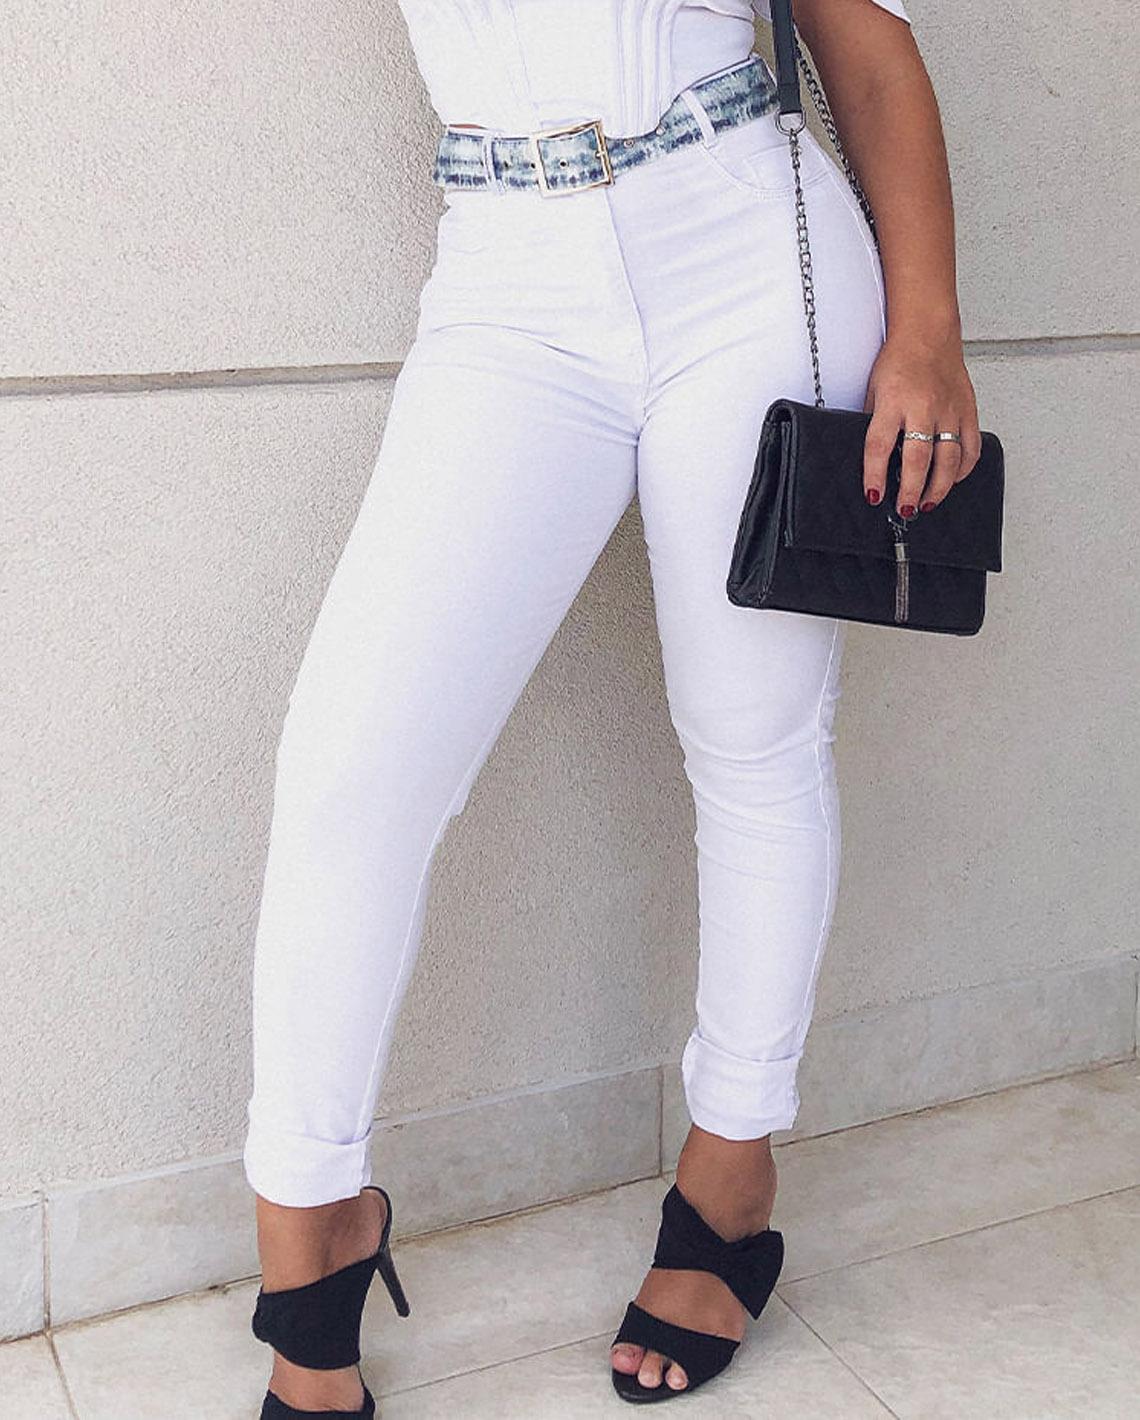 Calça Jeans Hot Fair Branca CNS 20090